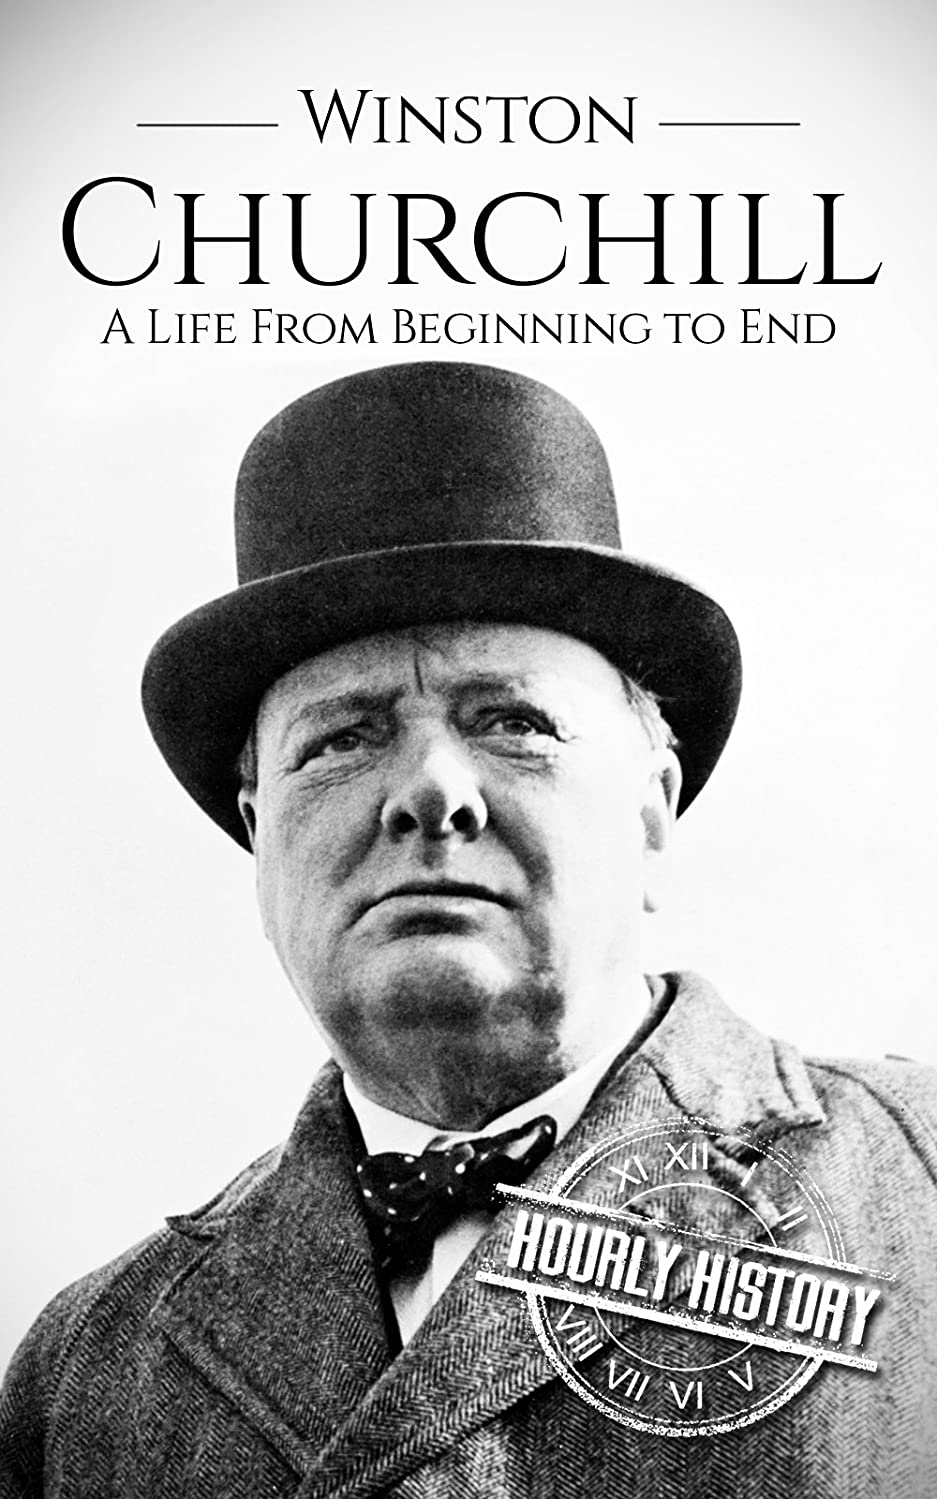 染色ヘビー批評Winston Churchill: A Life From Beginning to End (English Edition)